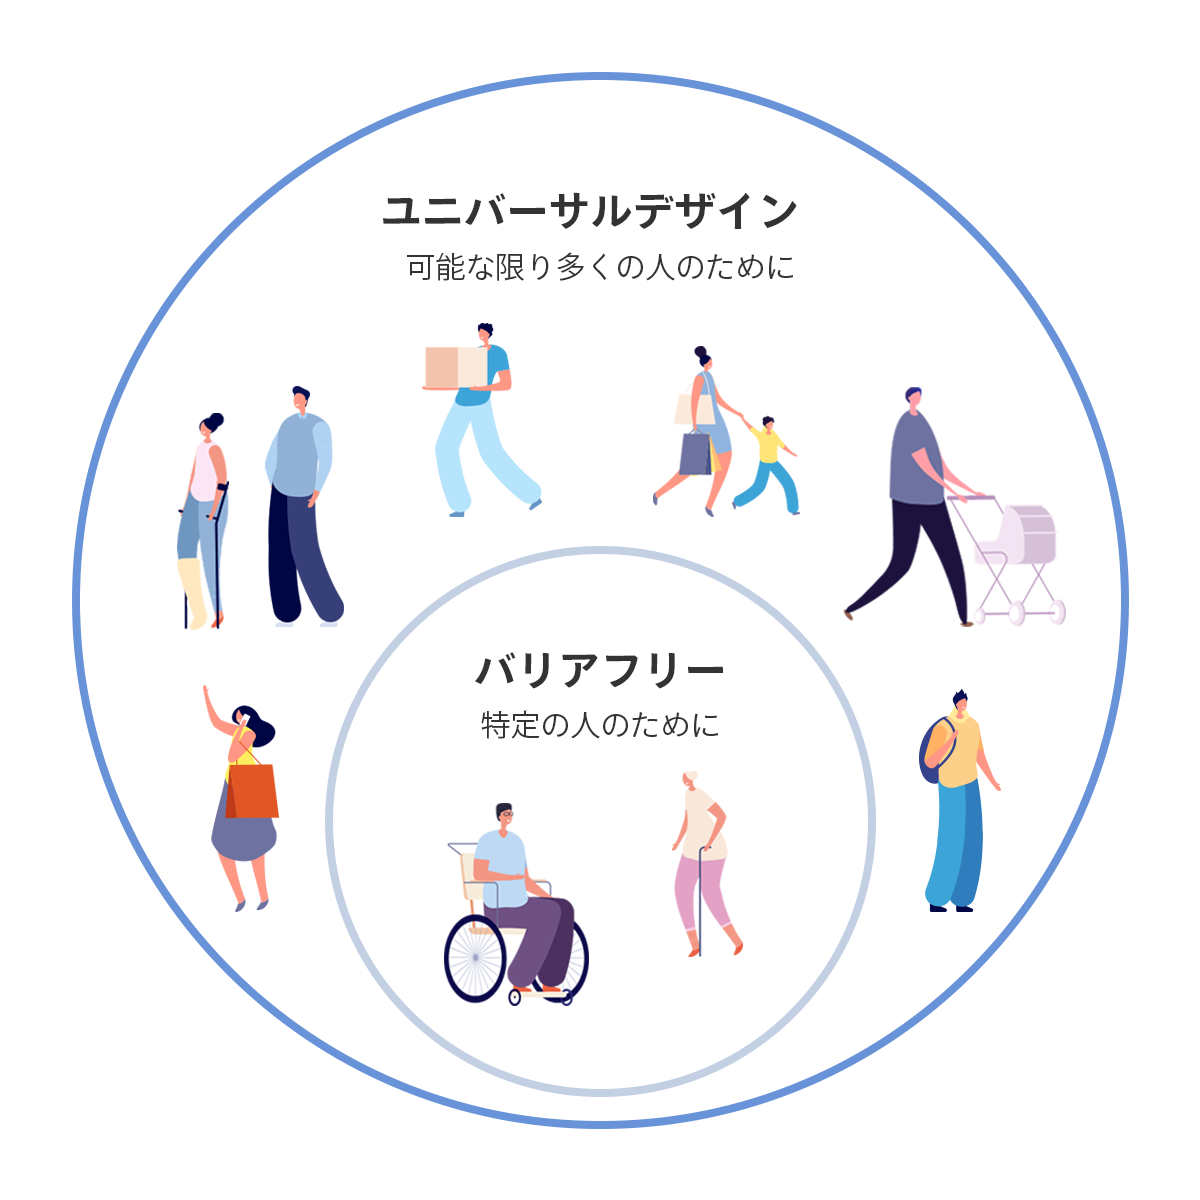 ユニバーサルデザイン、バリアフリーのイメージ図